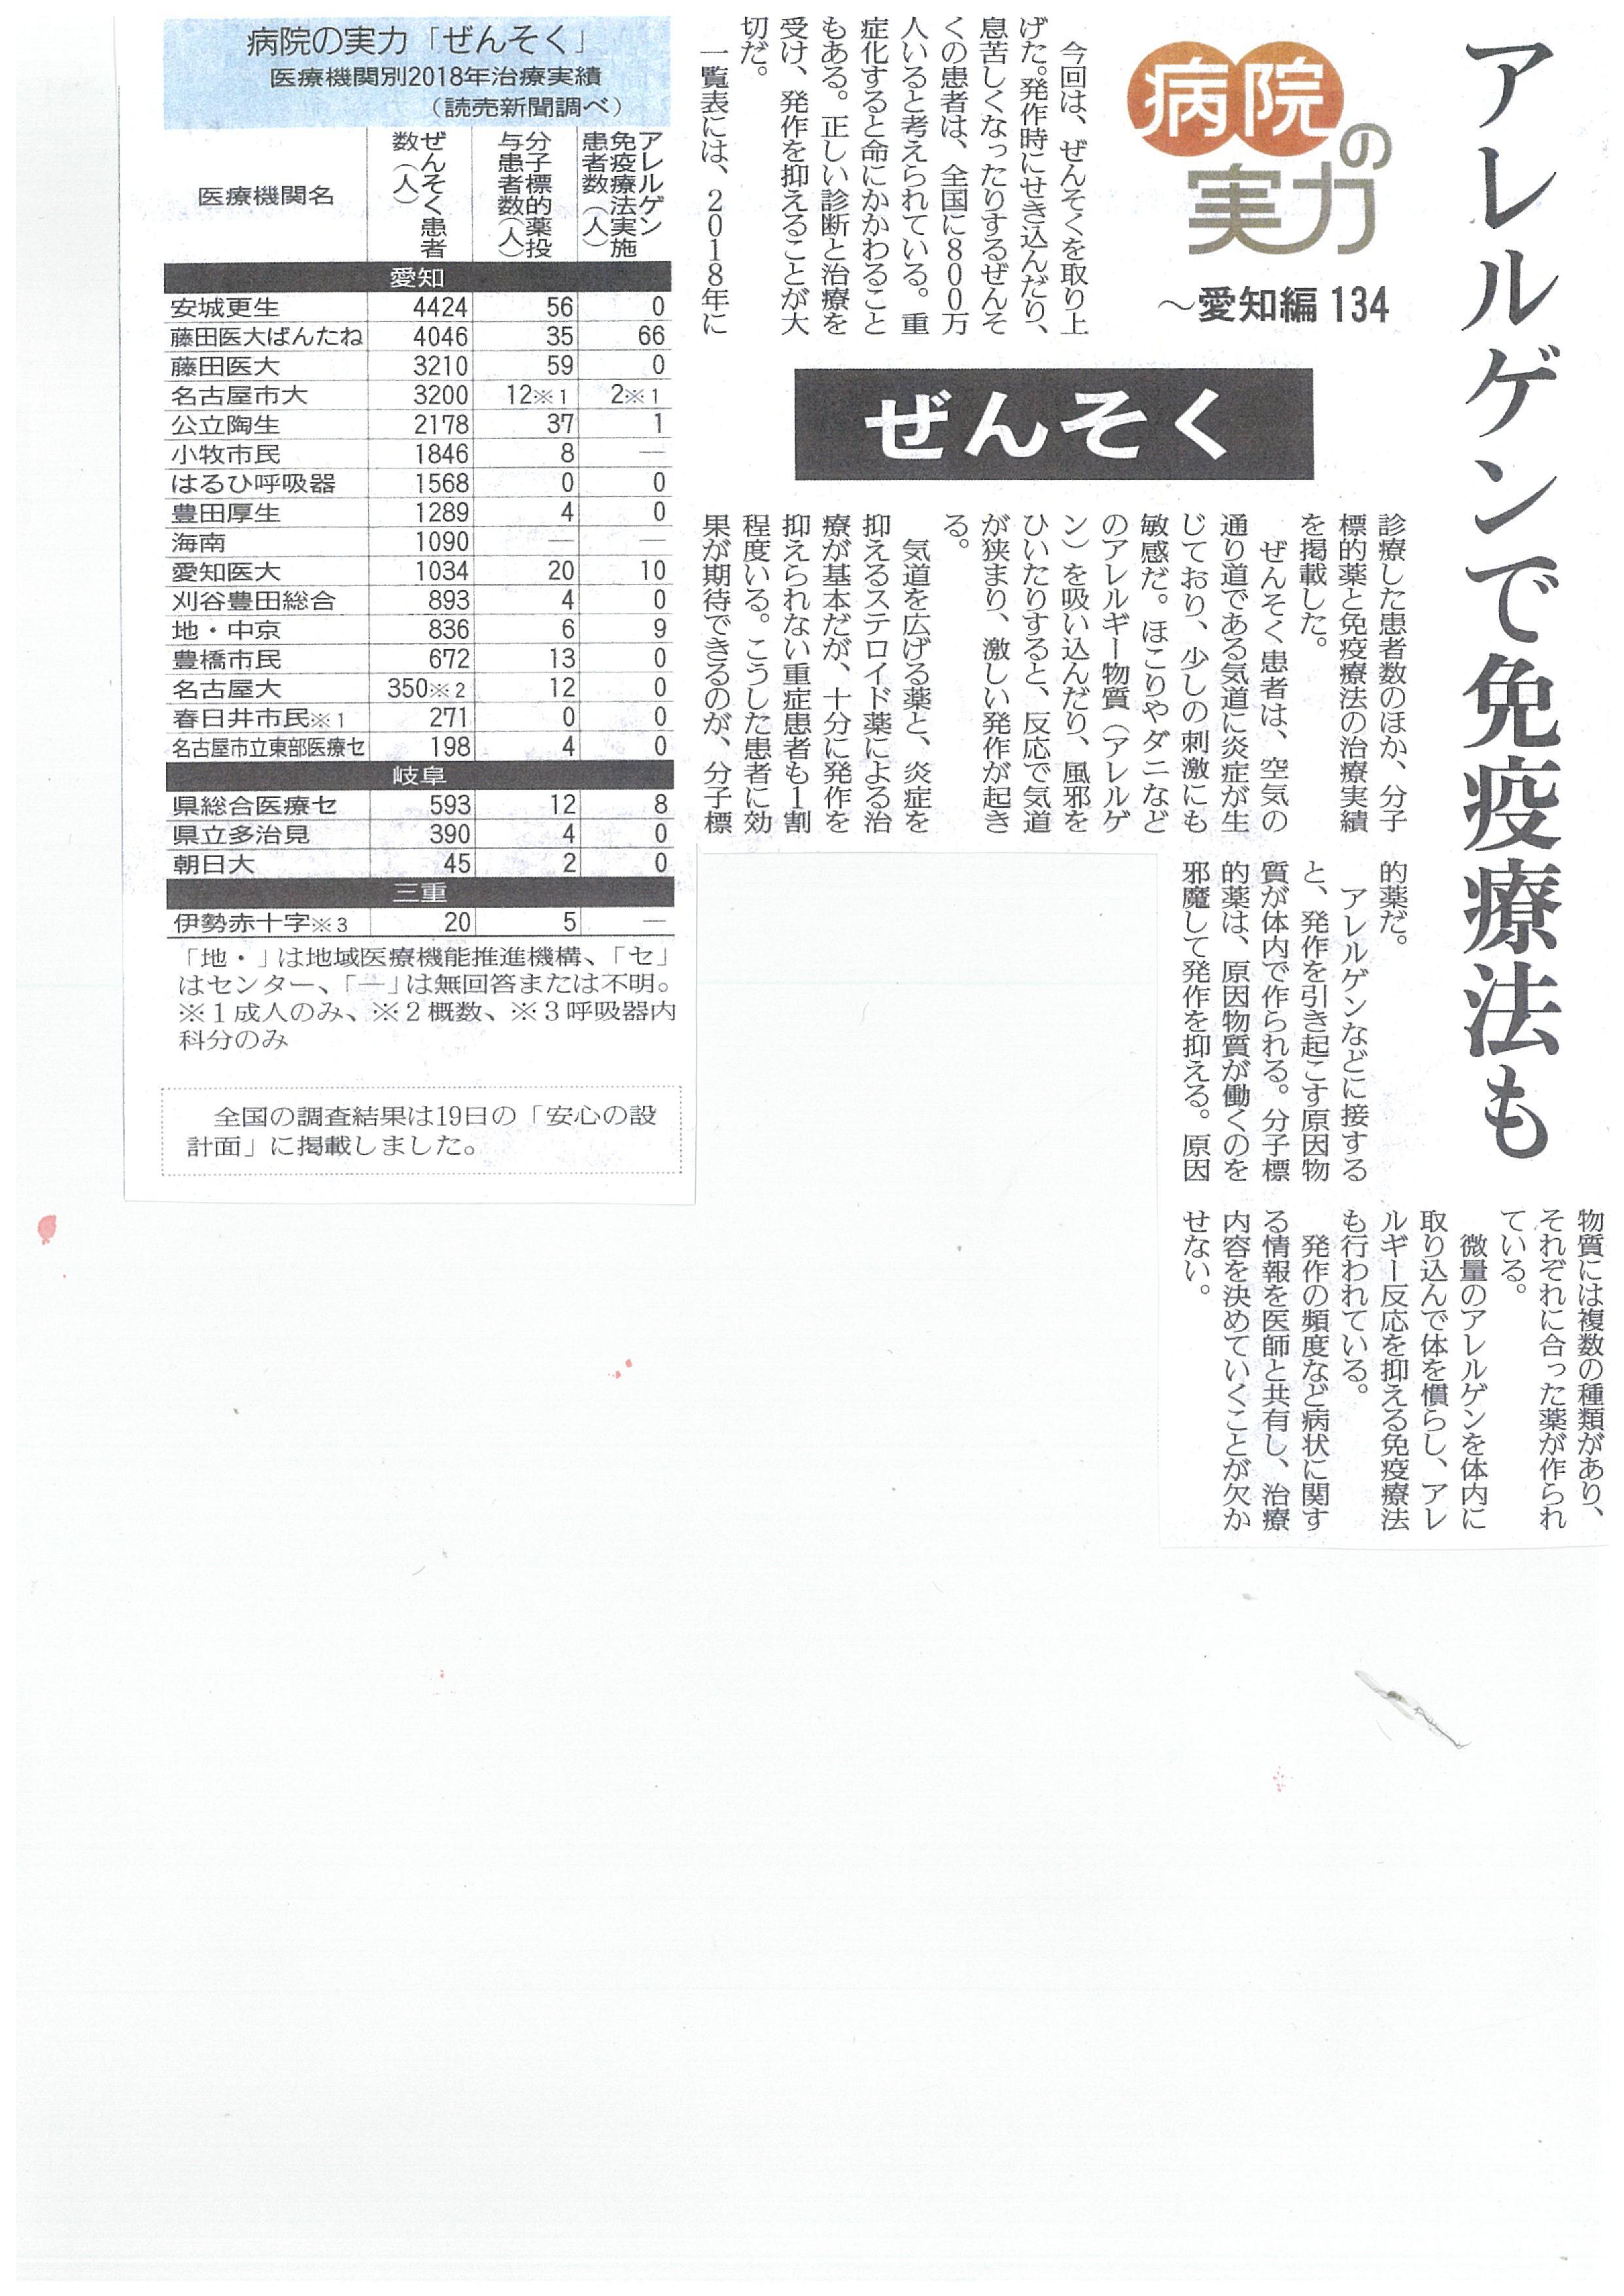 読売新聞地域版「ぜんそく」アンケート